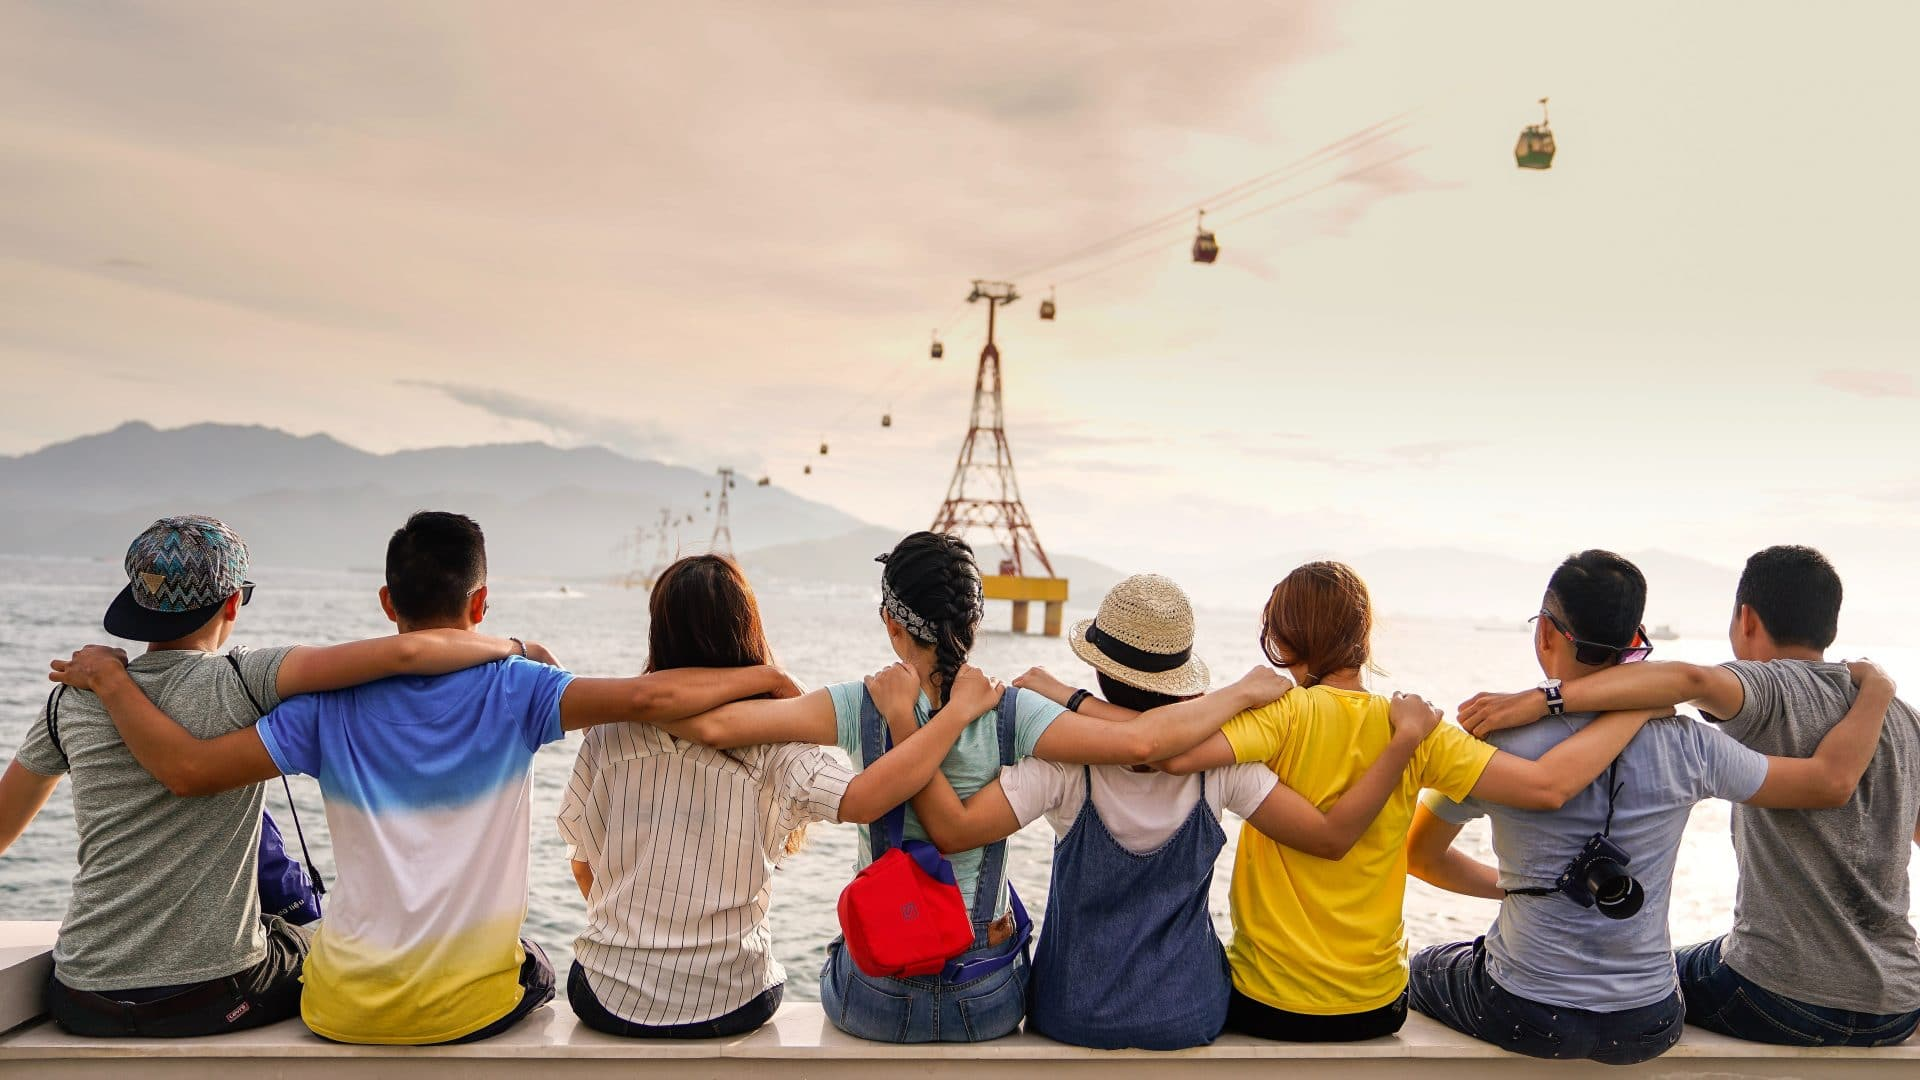 ¿Qué es la conformidad social y cómo nos afecta?